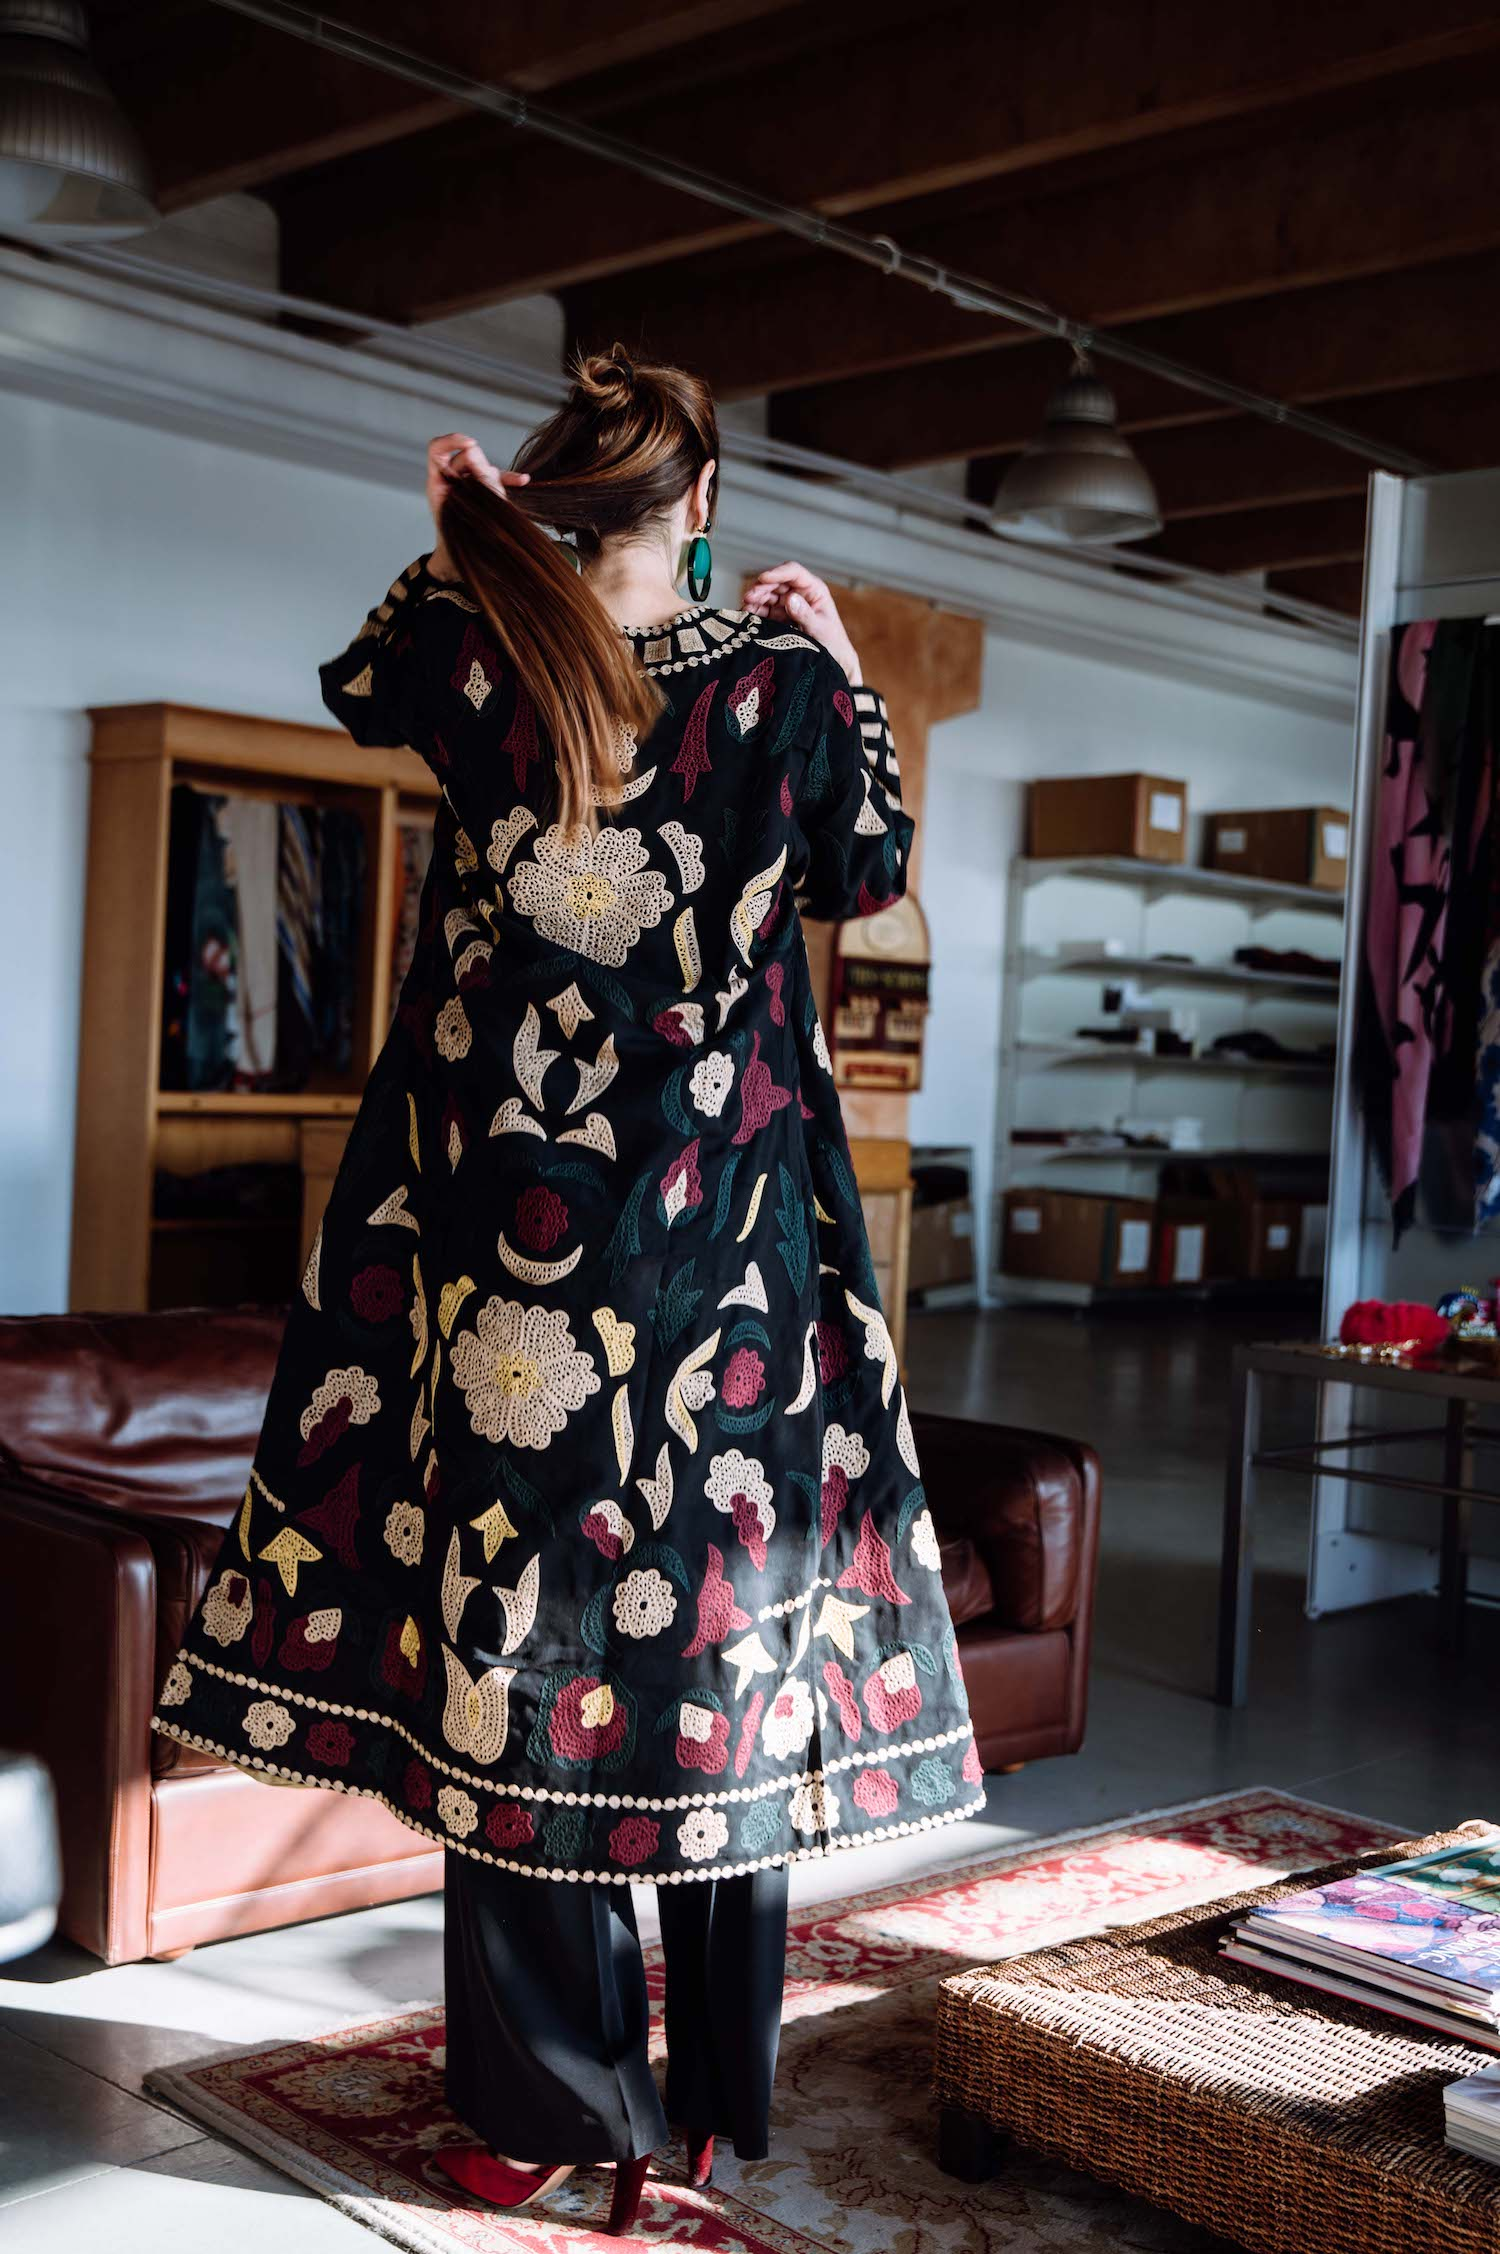 abbigliamento-donna-sofisticata